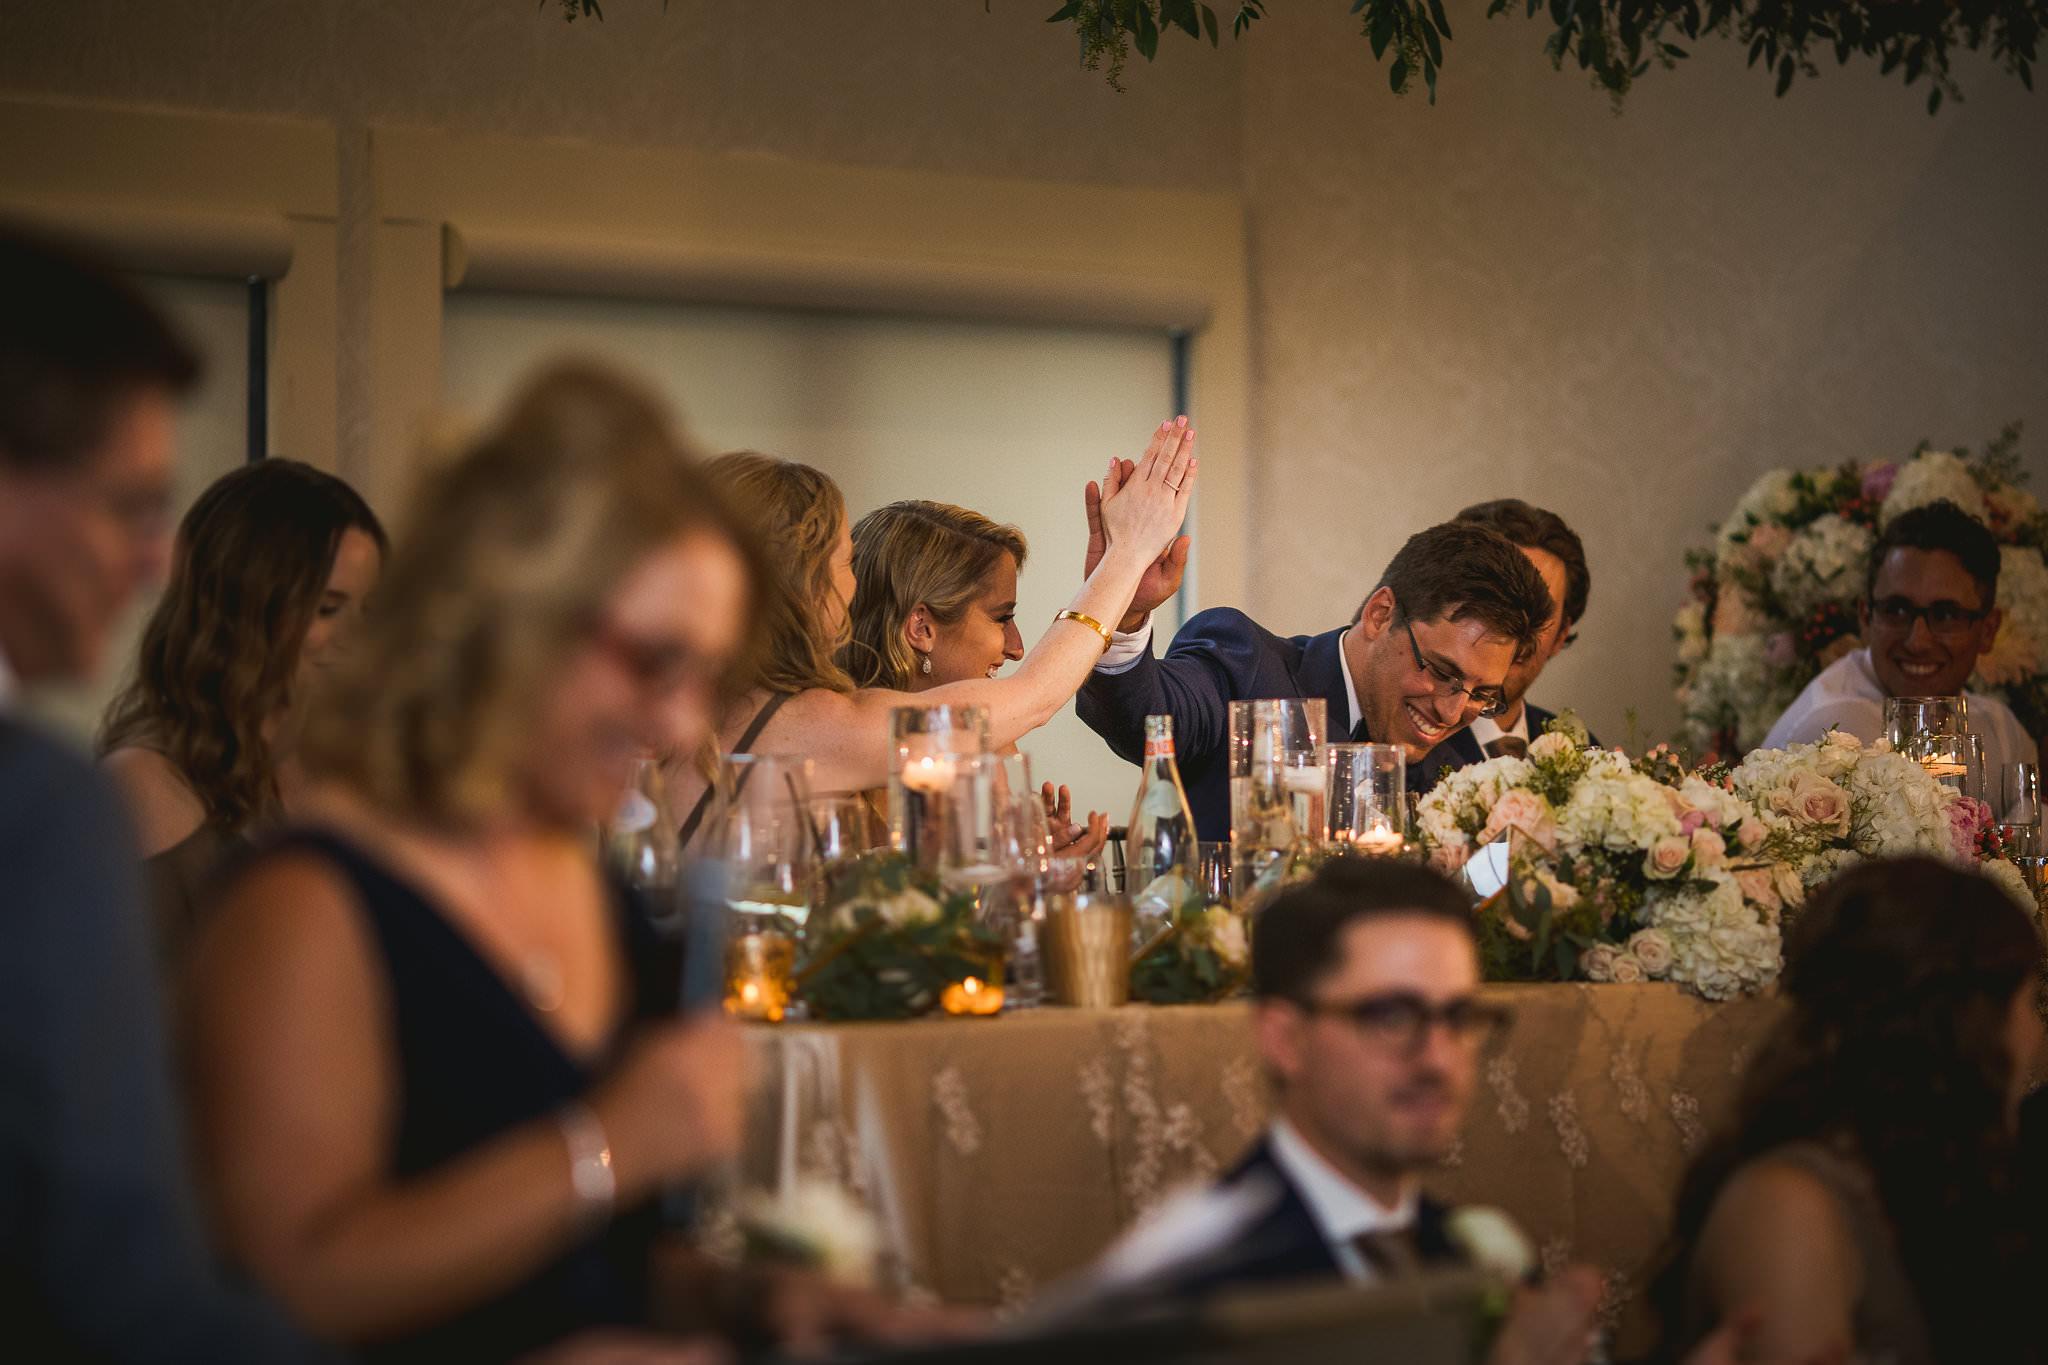 whistlebearweddingphotos 750 - Whistle Bear Wedding Photos